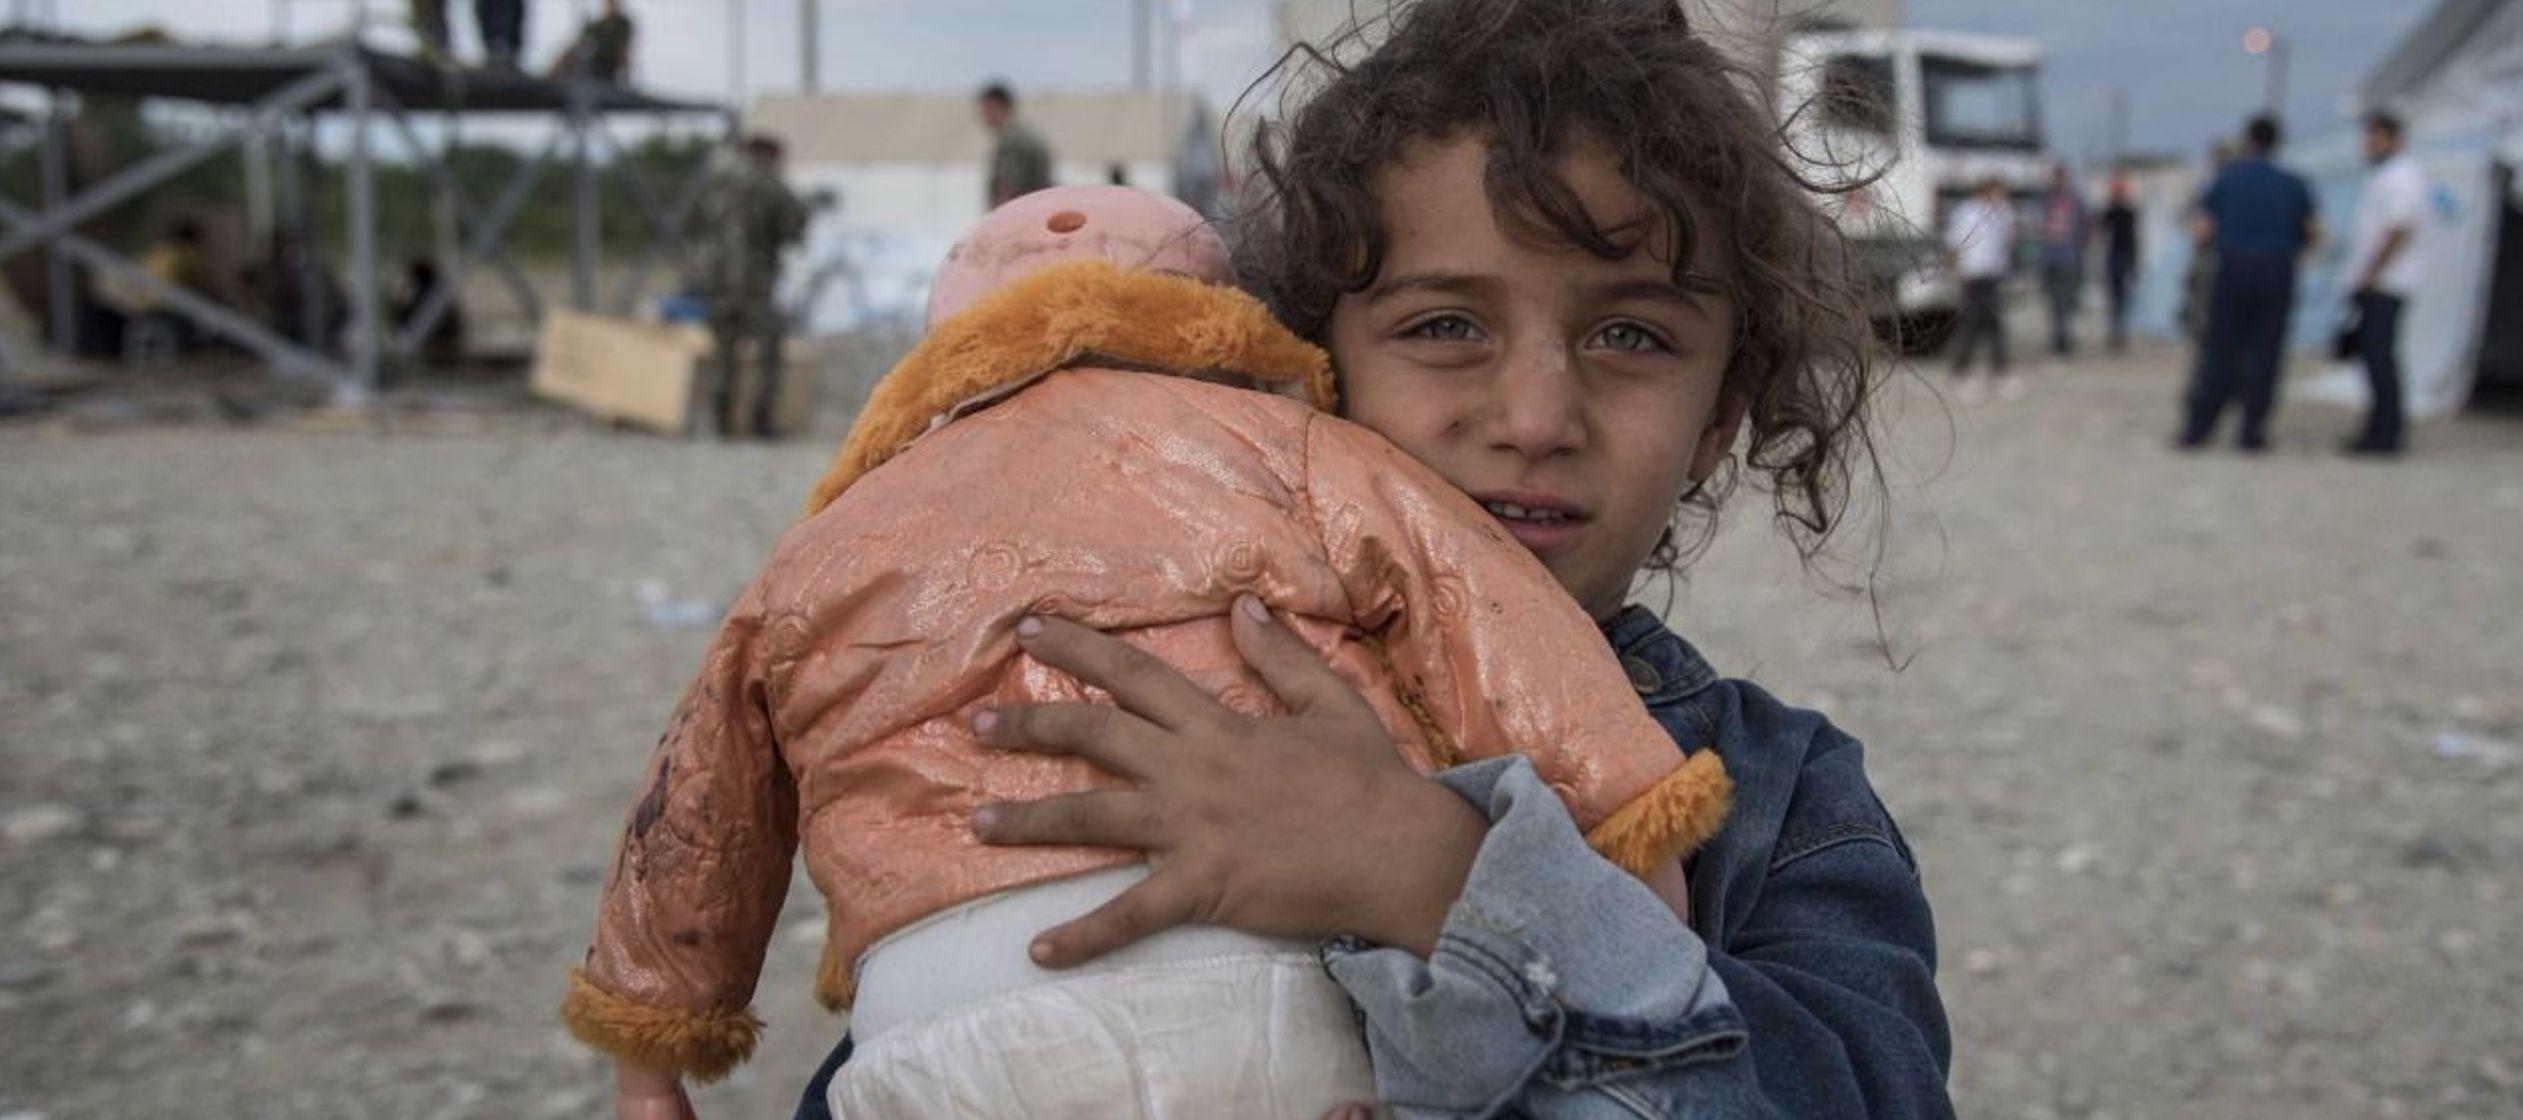 Hasta los reporteros enviados en zona de conflicto están comenzando a entender el problema...